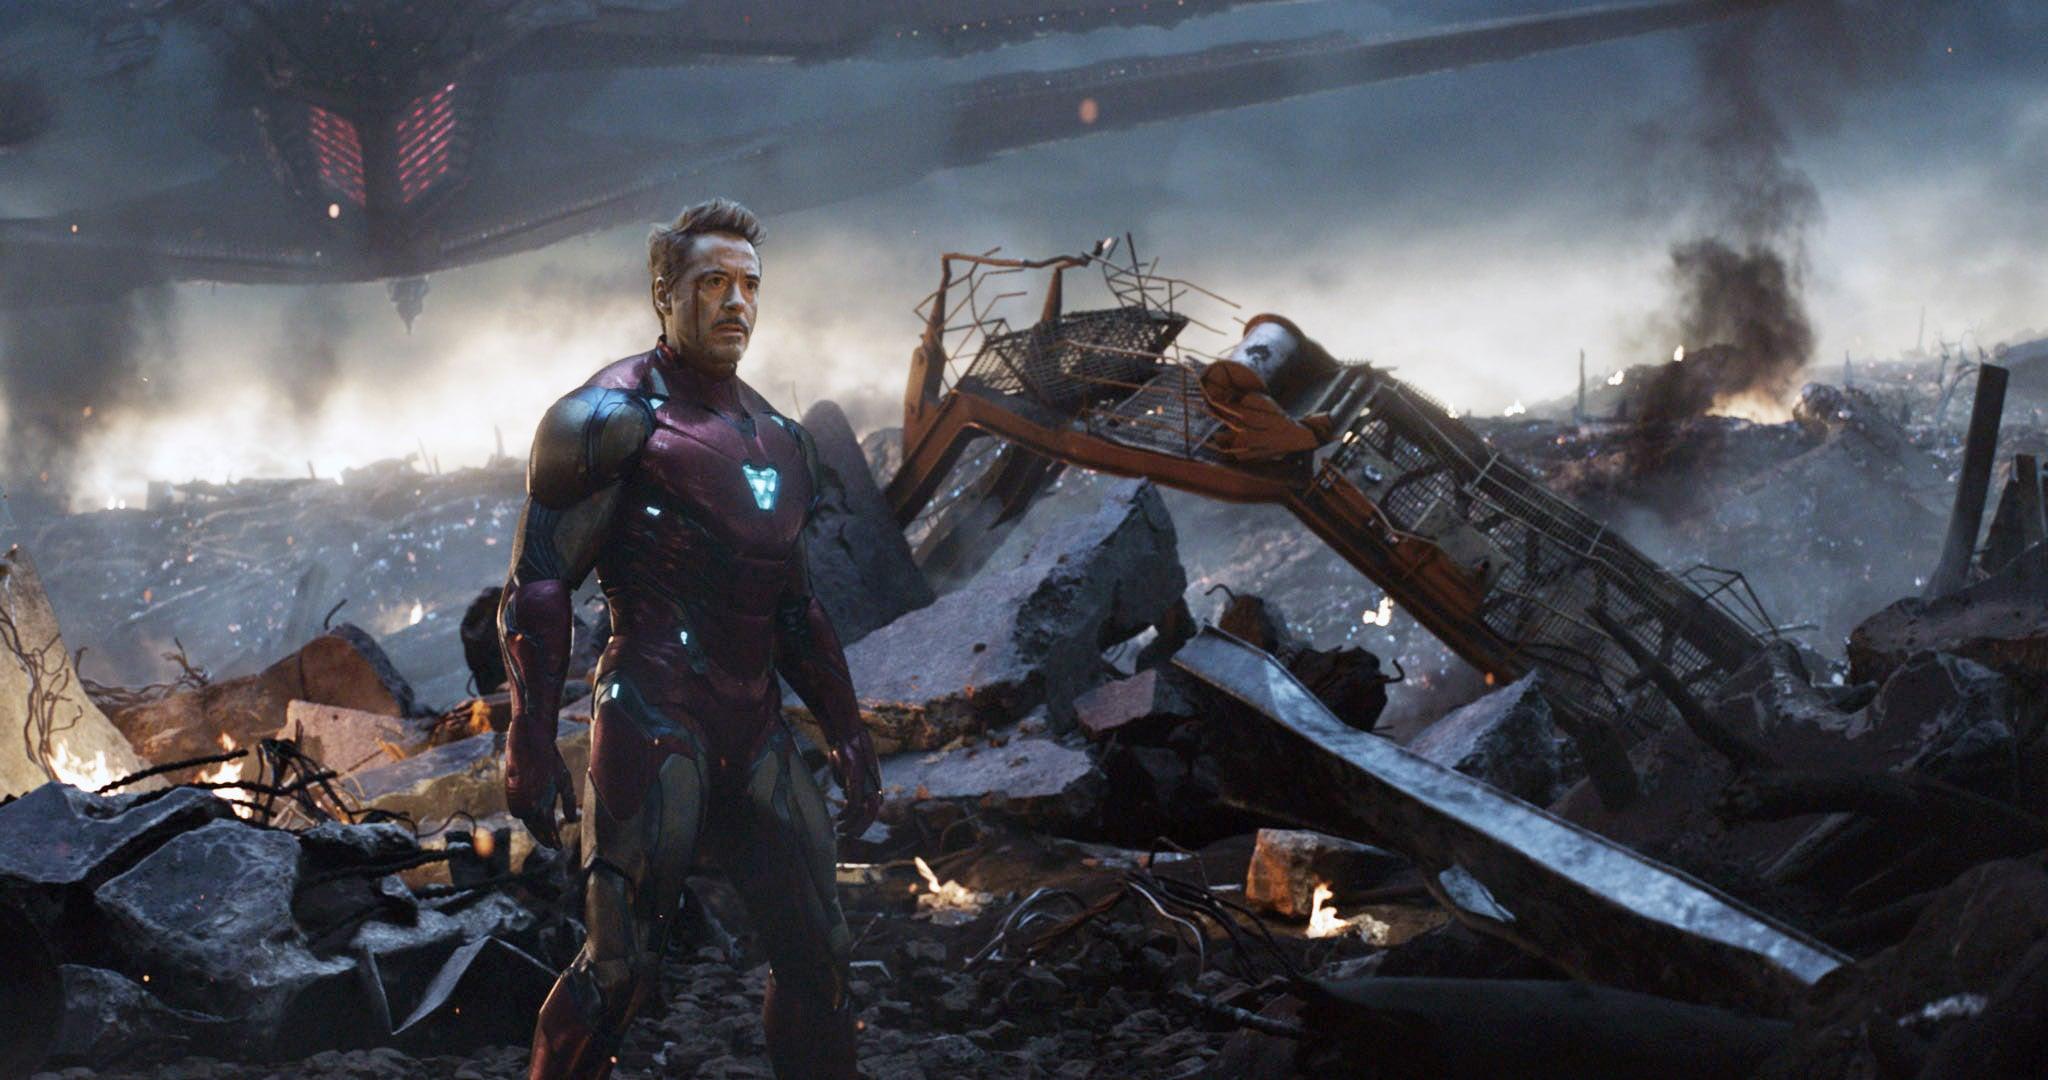 AVENGERS: ENDGAME, (aka AVENGERS 4), Robert Downey Jr. as Tony Stark / Iron Man, 2019.  Walt Disney Studios Motion Pictures /  Marvel Studios / courtesy Everett Collection